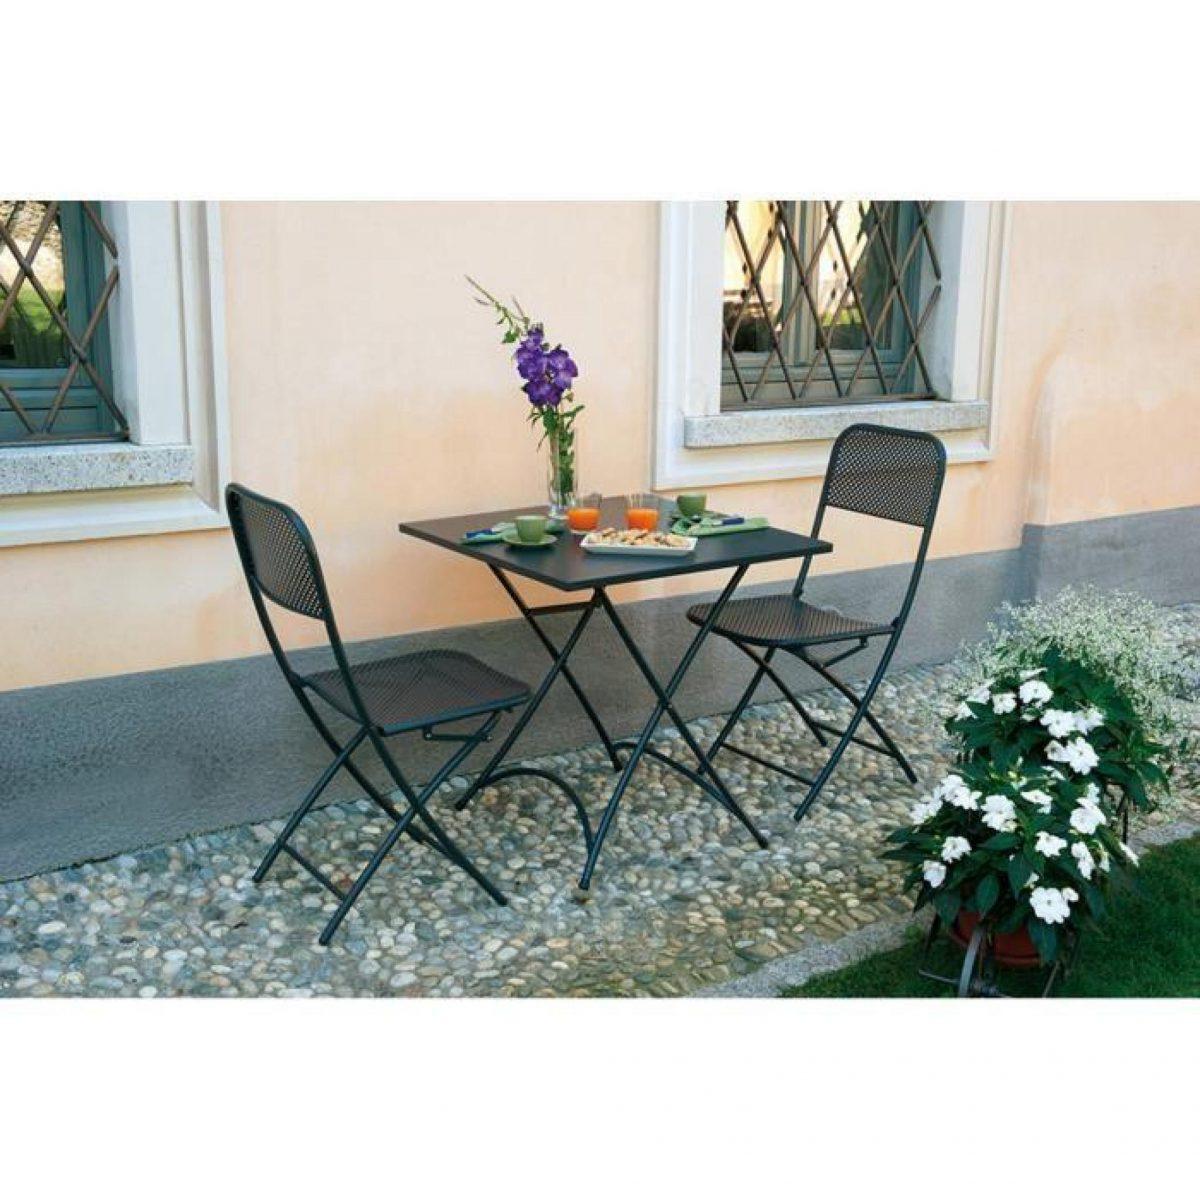 chaise pliante de jardin en fer forge coloris gris 2 1200x1200